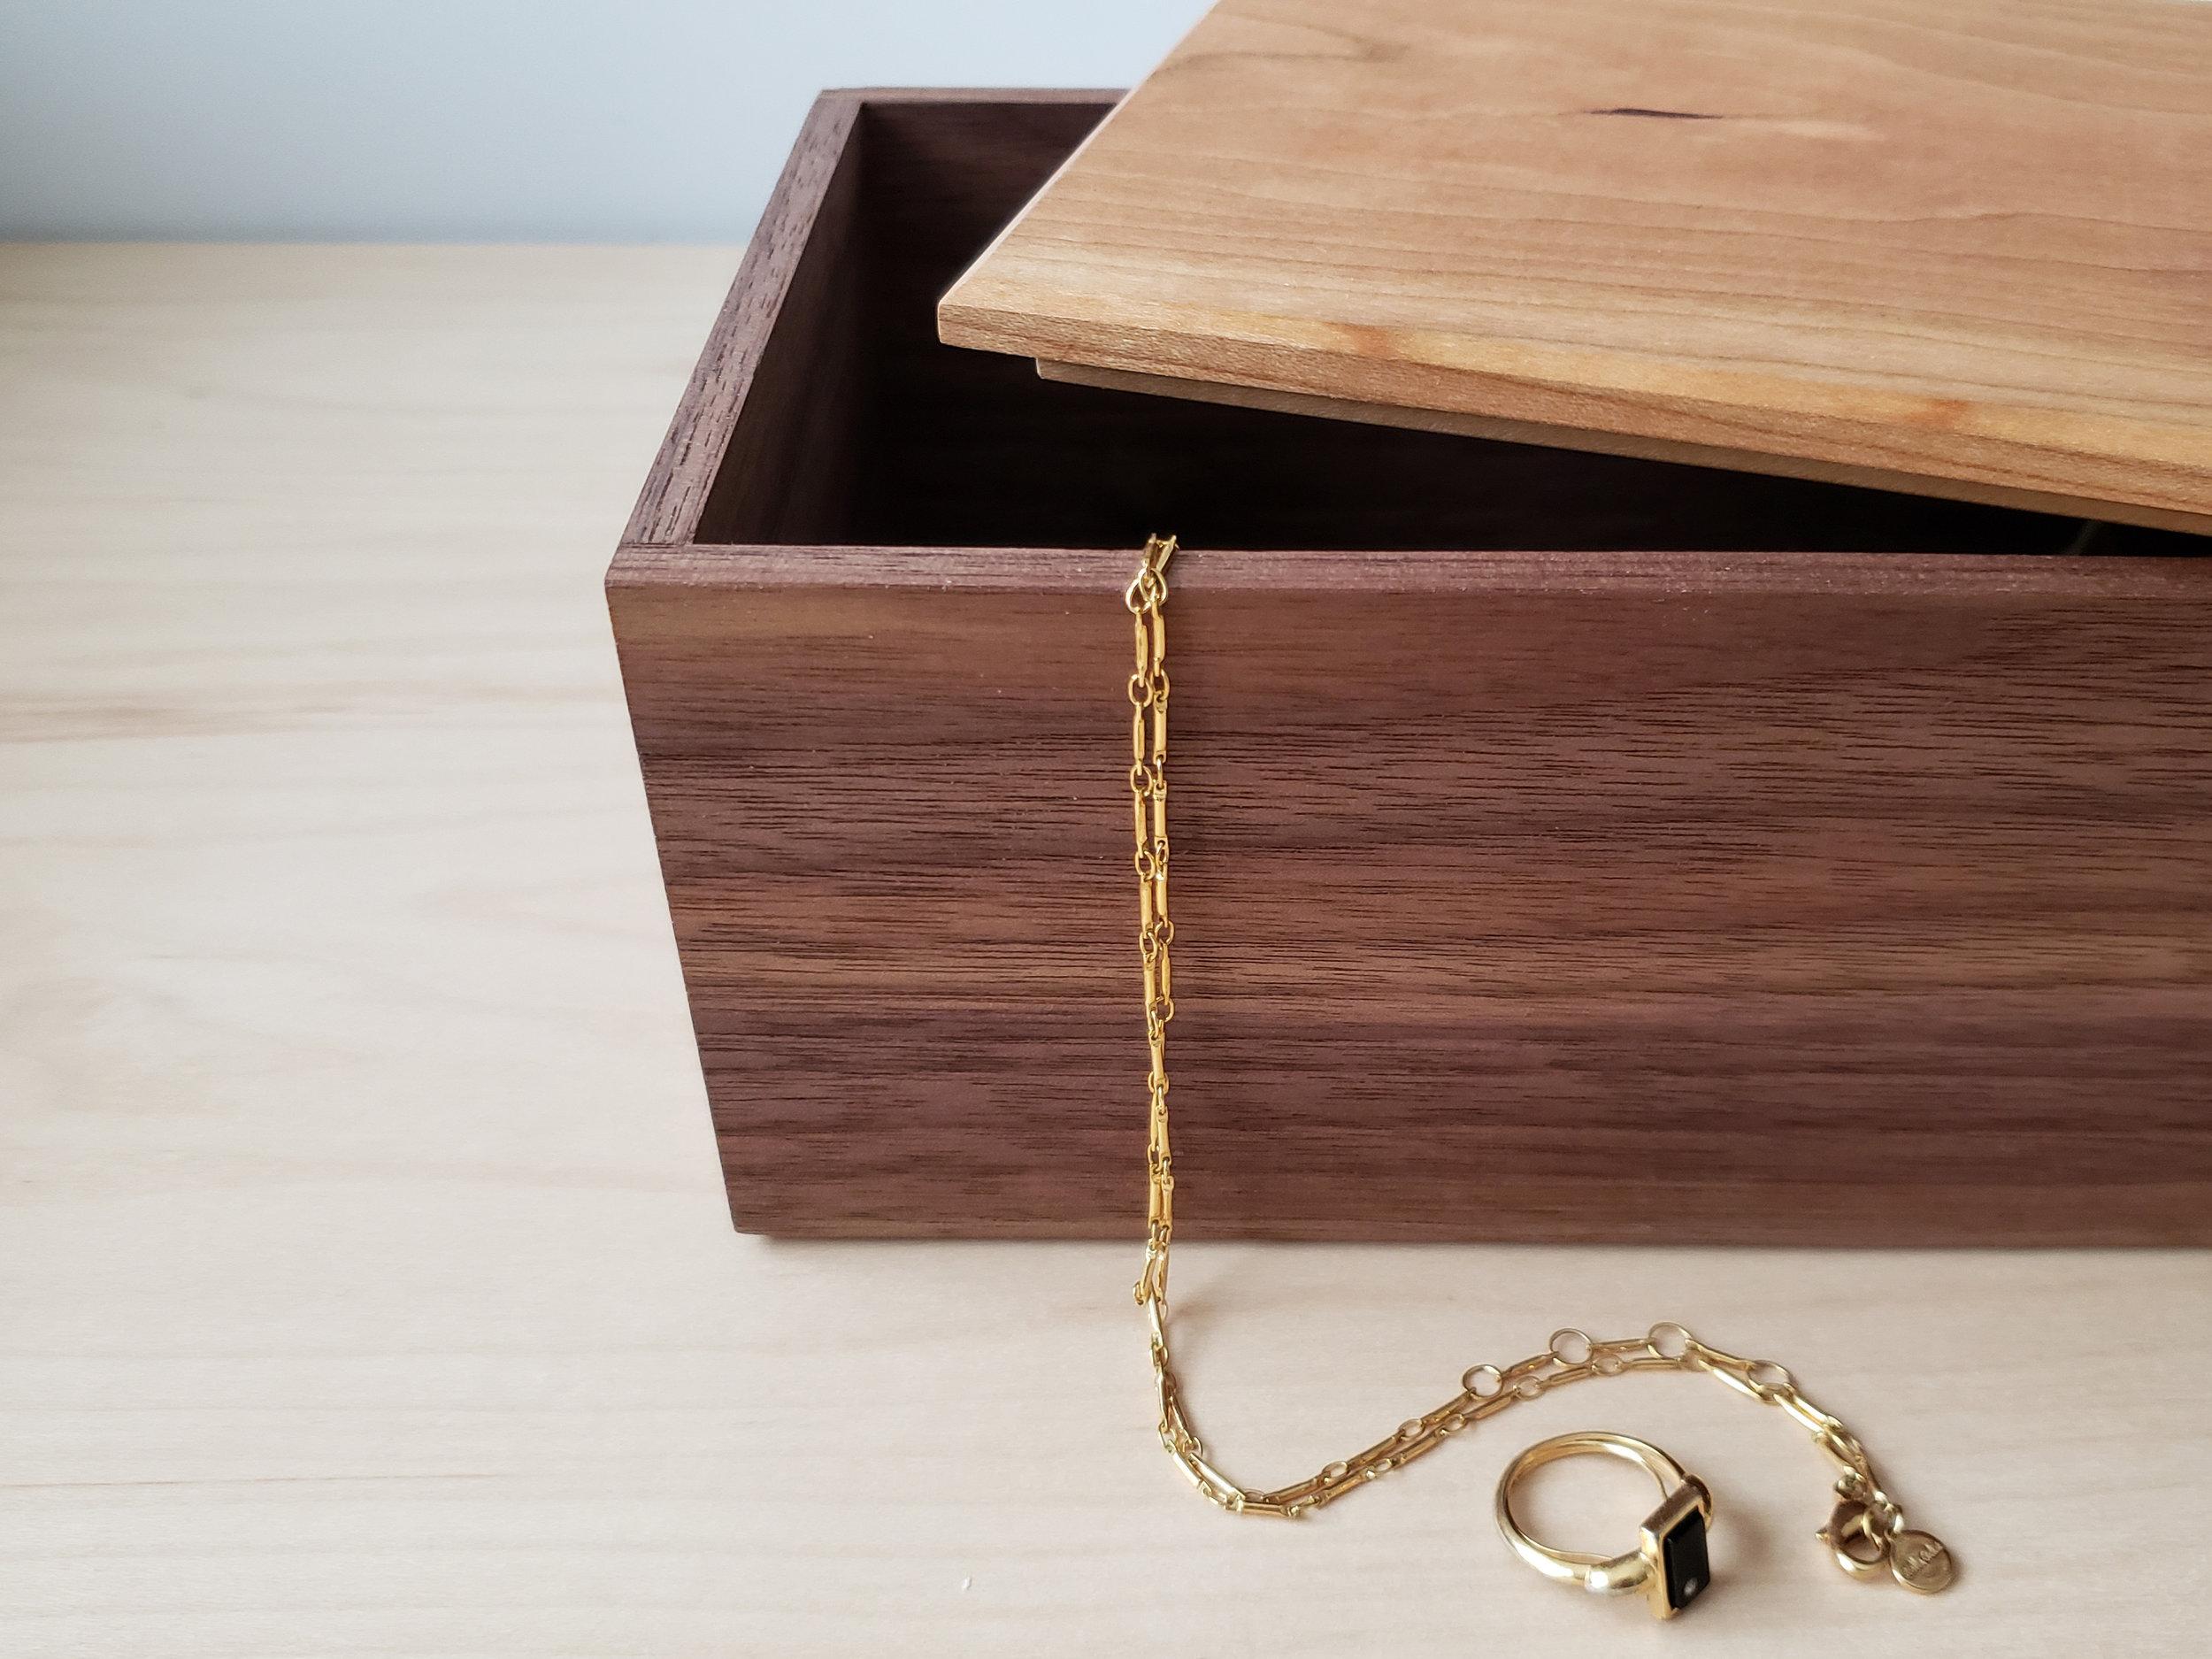 SUMMIT JEWELRY BOX -